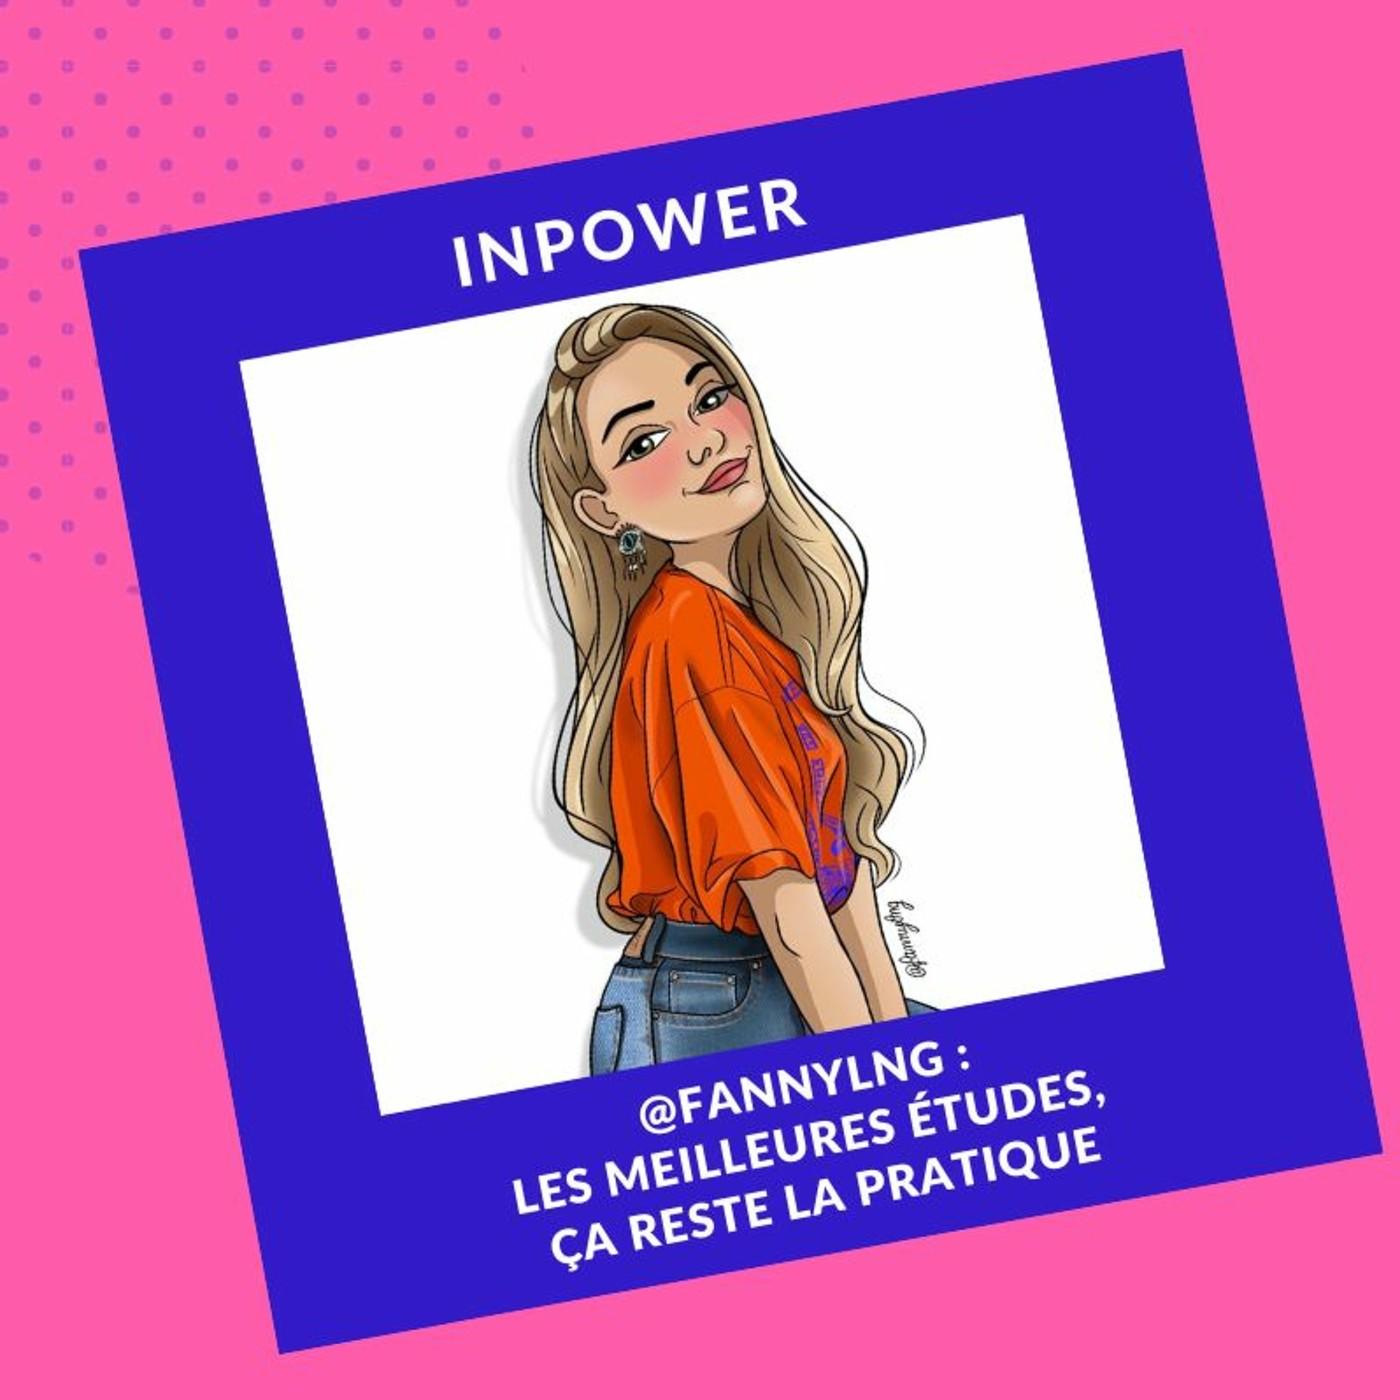 @Fannylng - Les meilleures études, ça reste la pratique